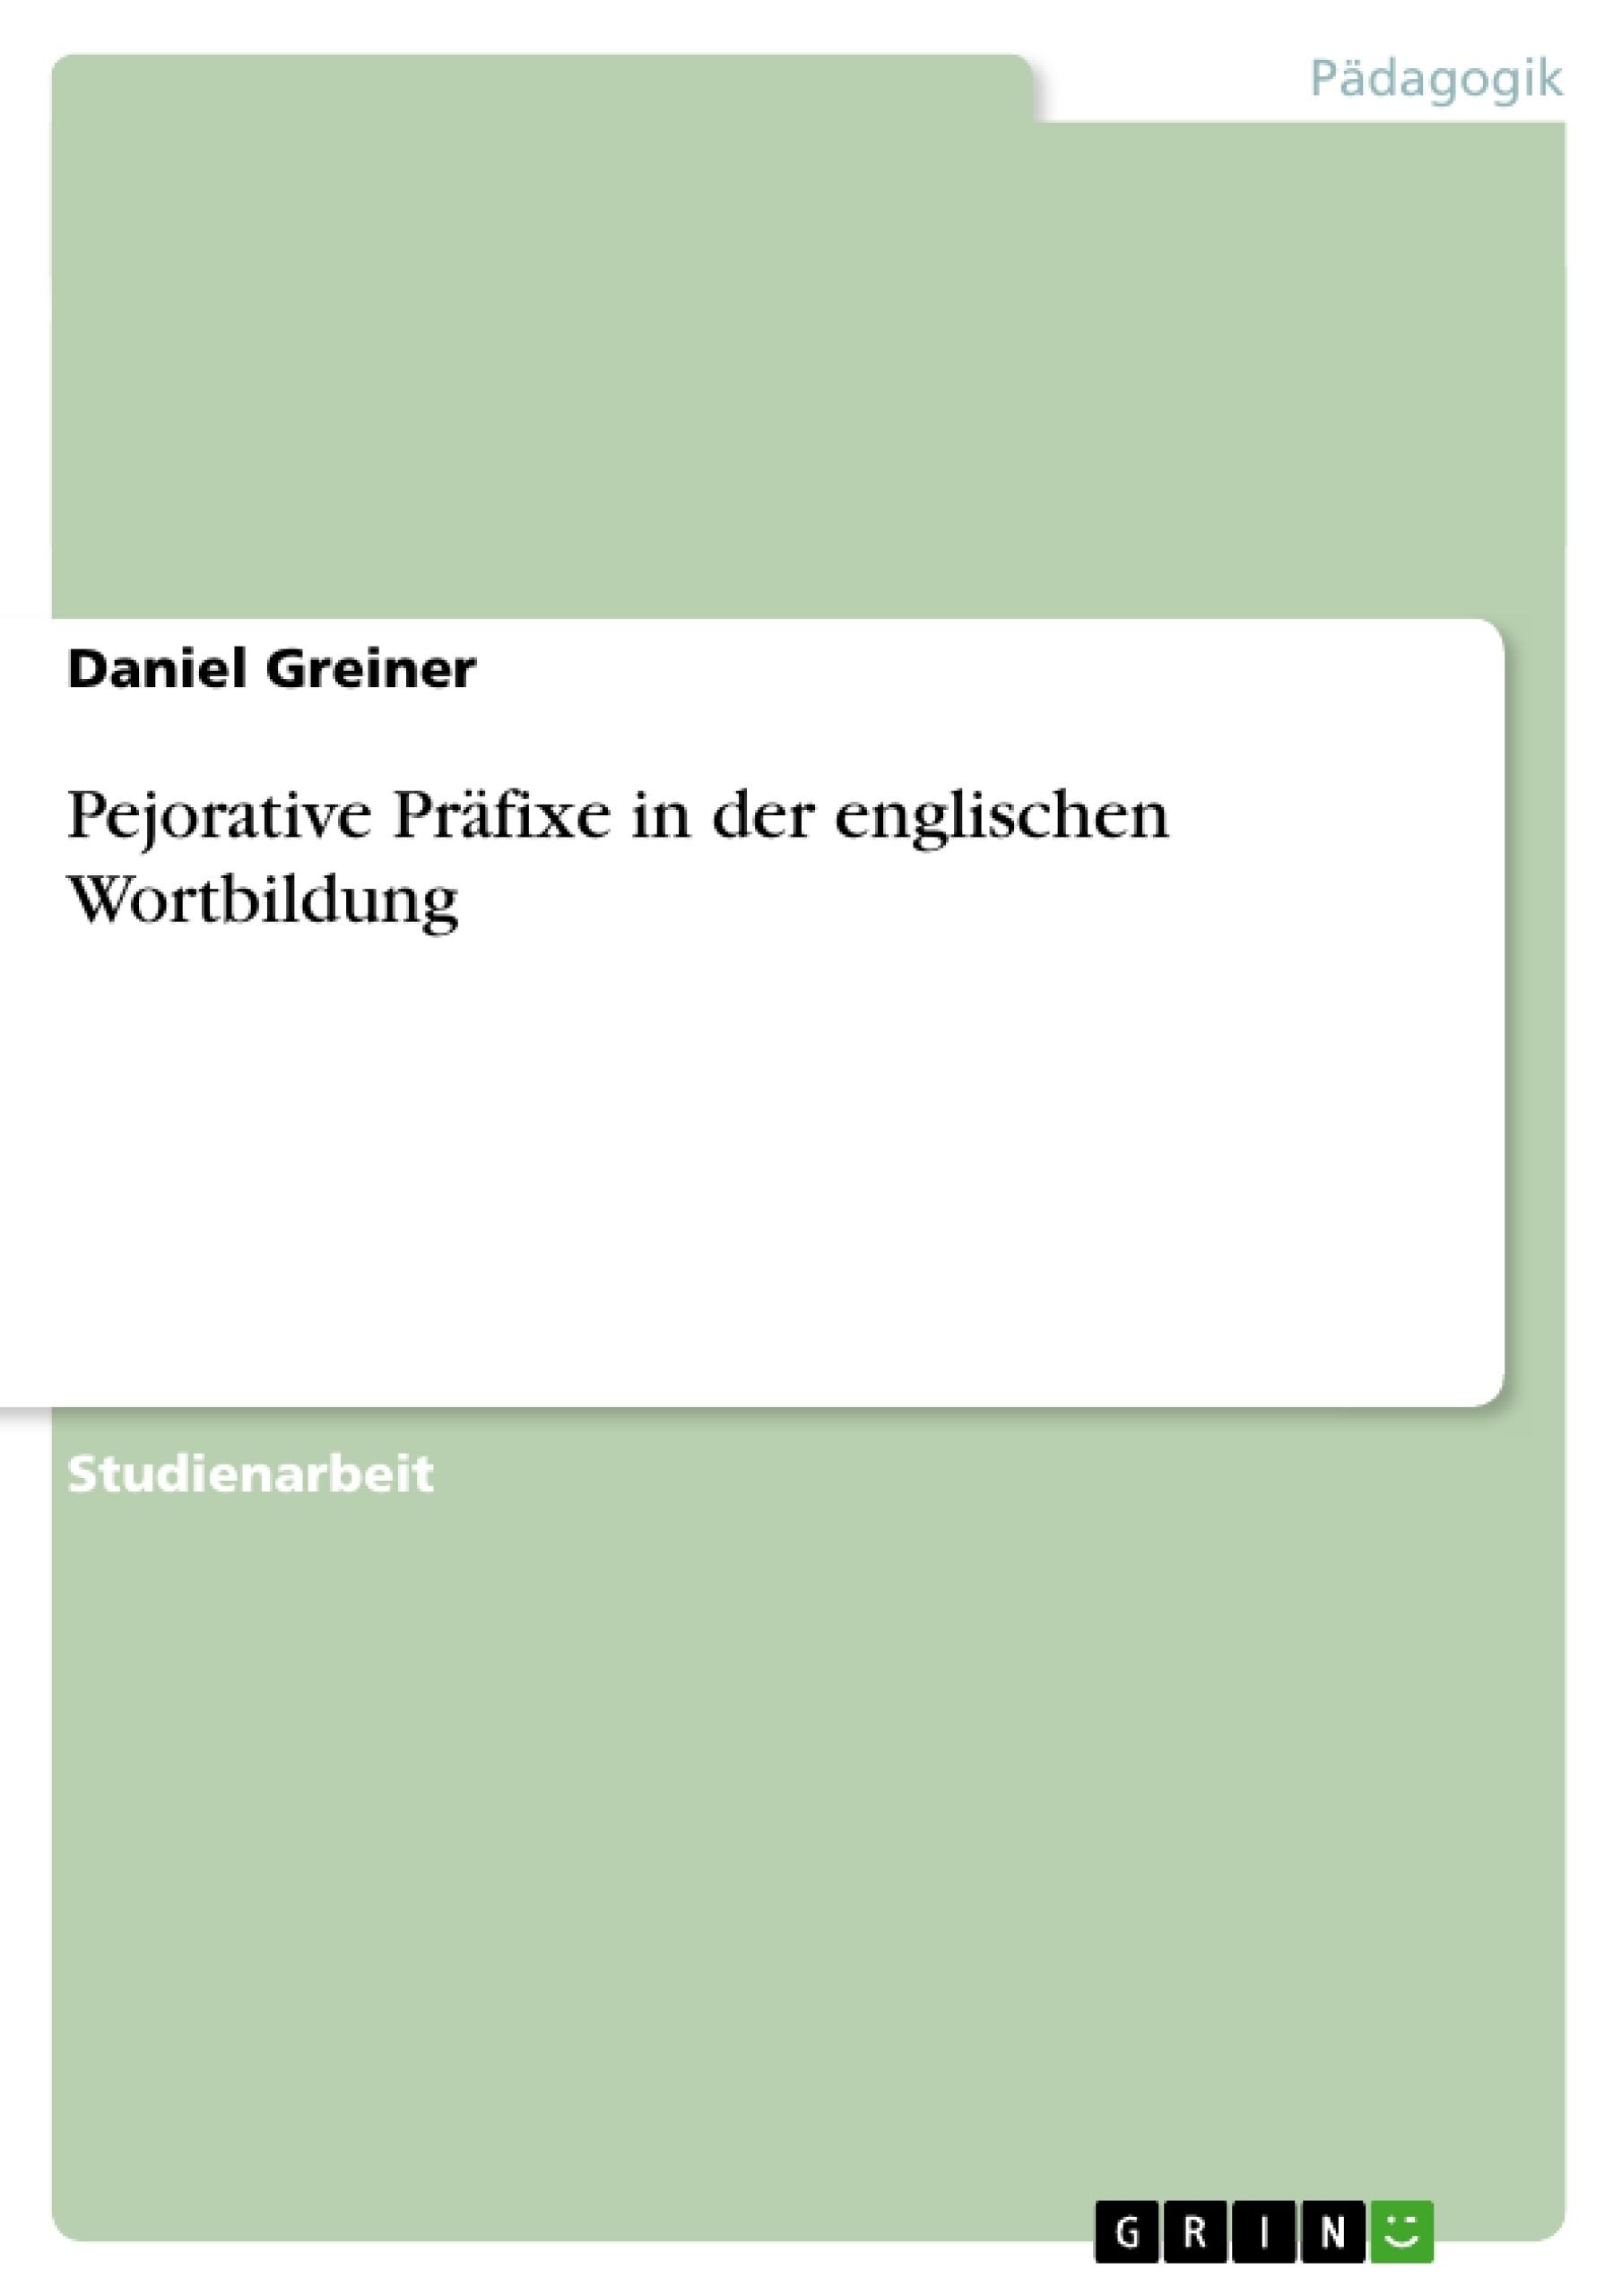 Titel: Pejorative Präfixe in der englischen Wortbildung